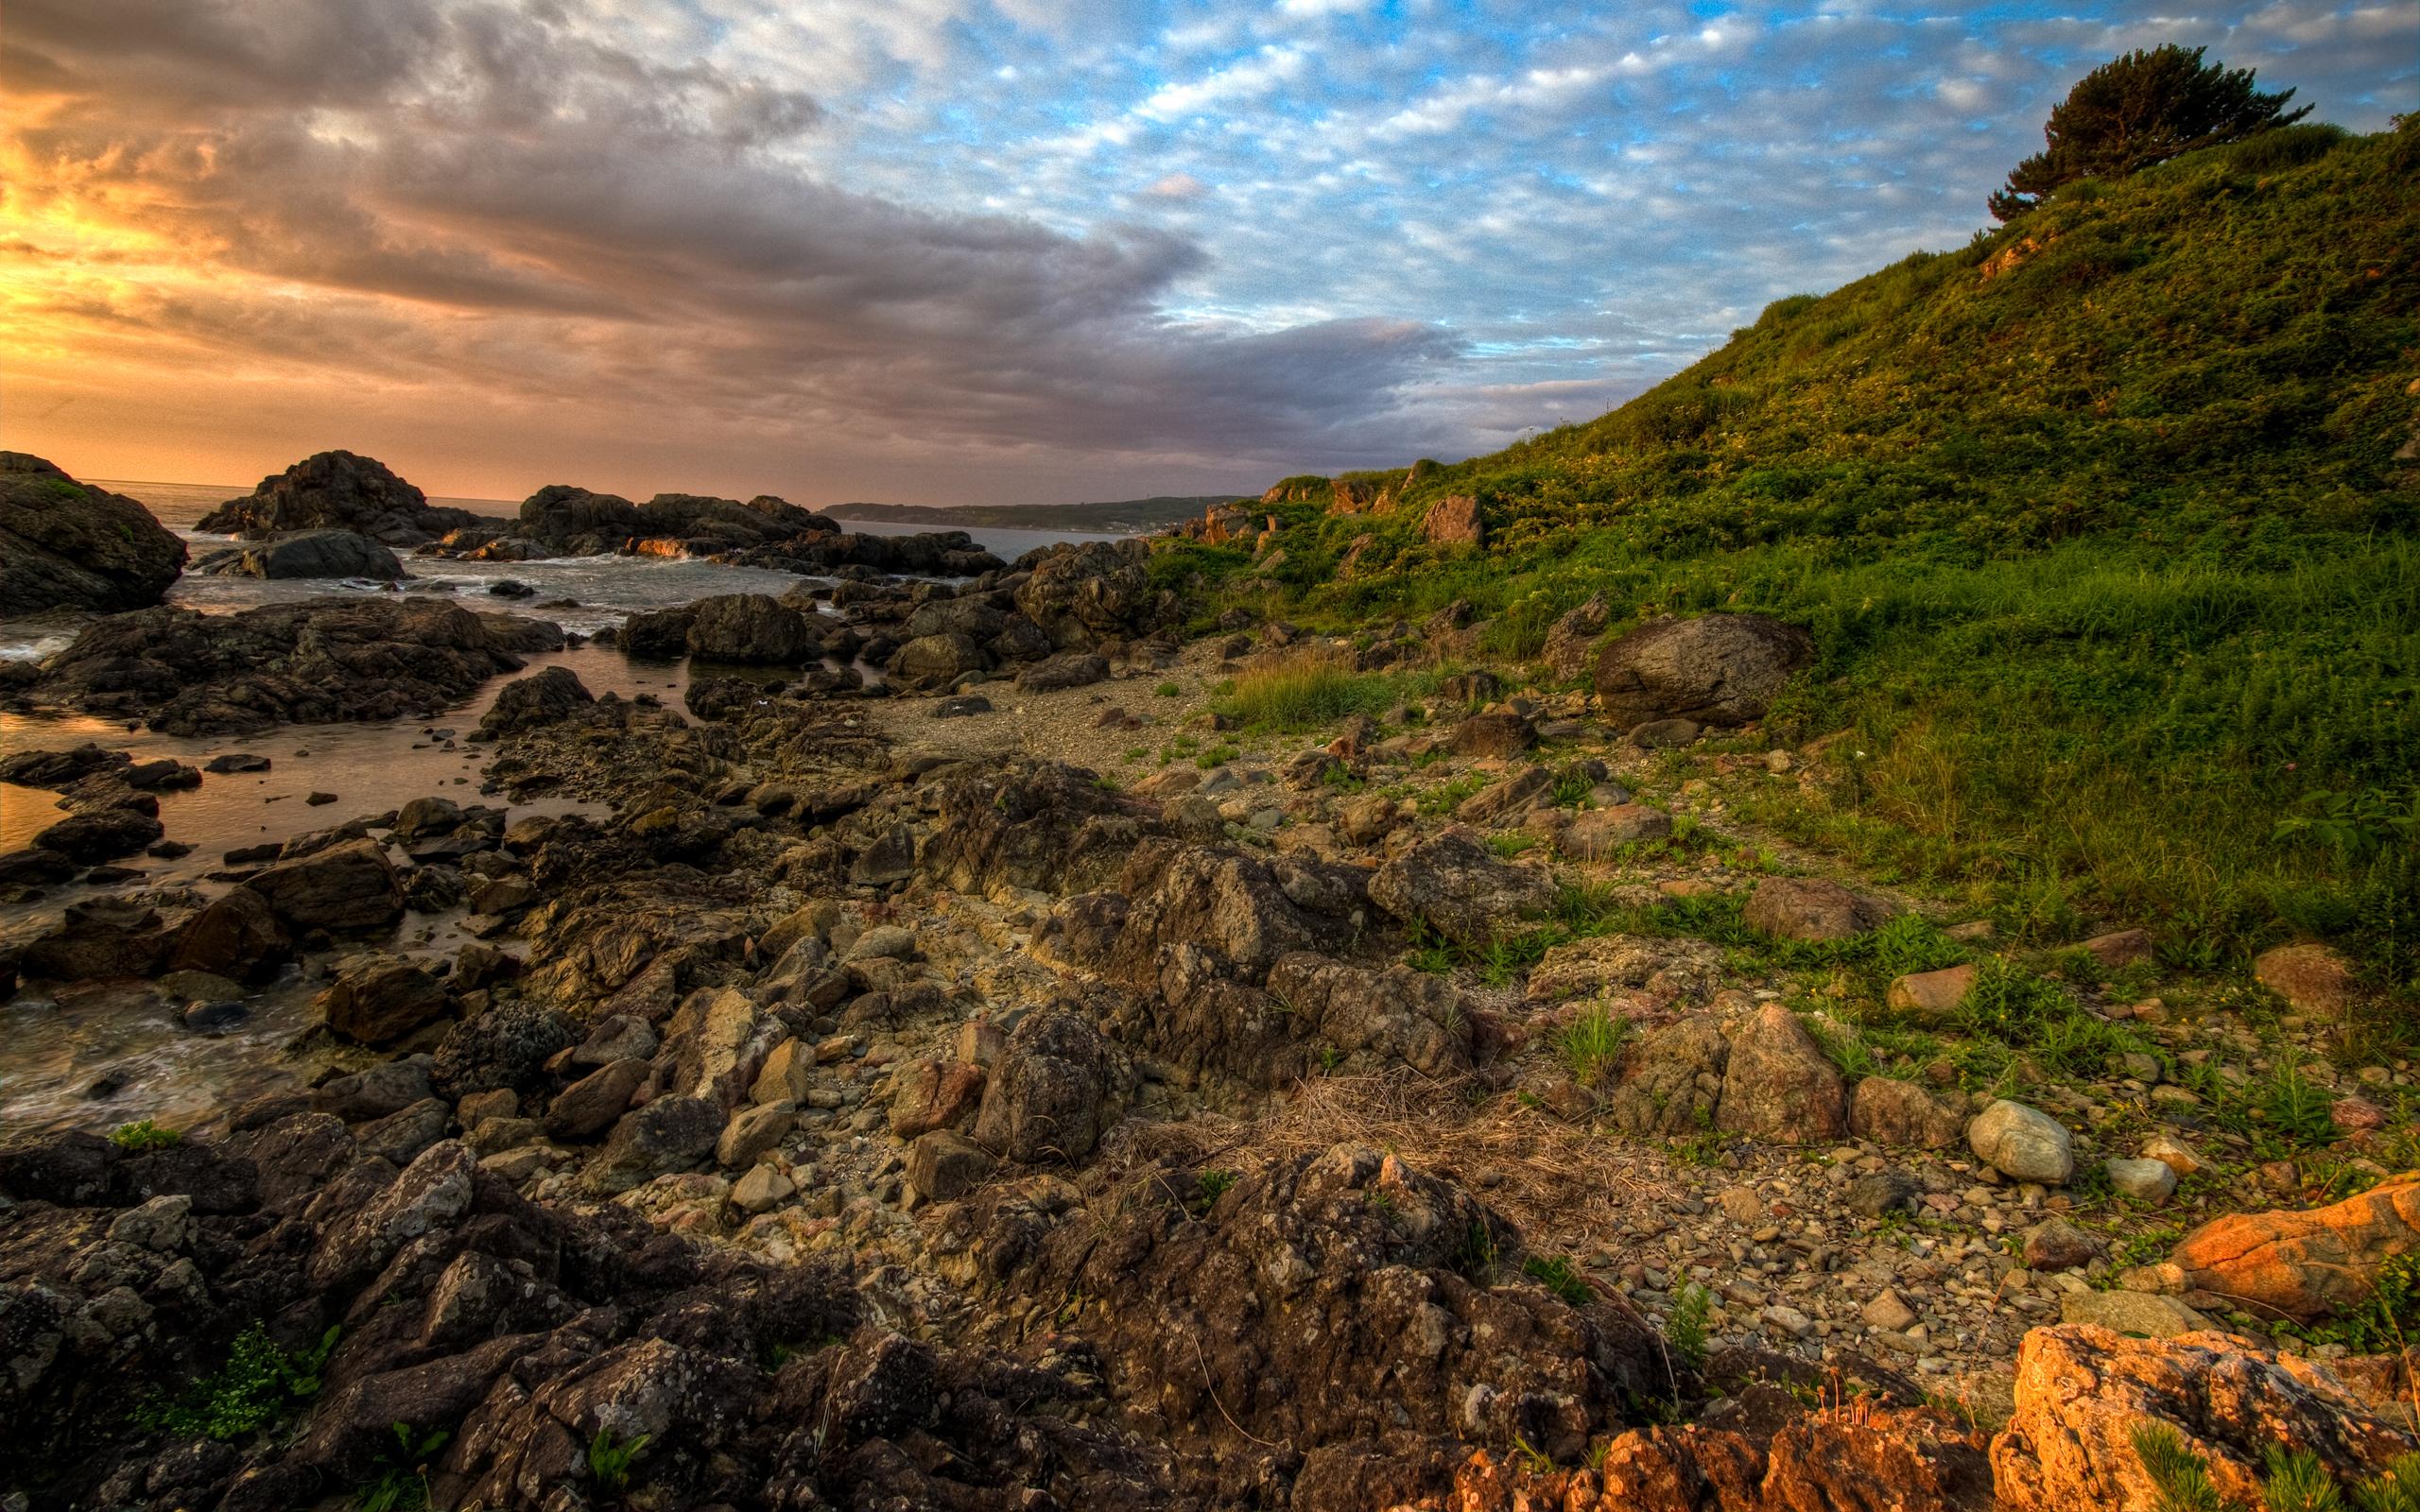 каменистый пляж бесплатно